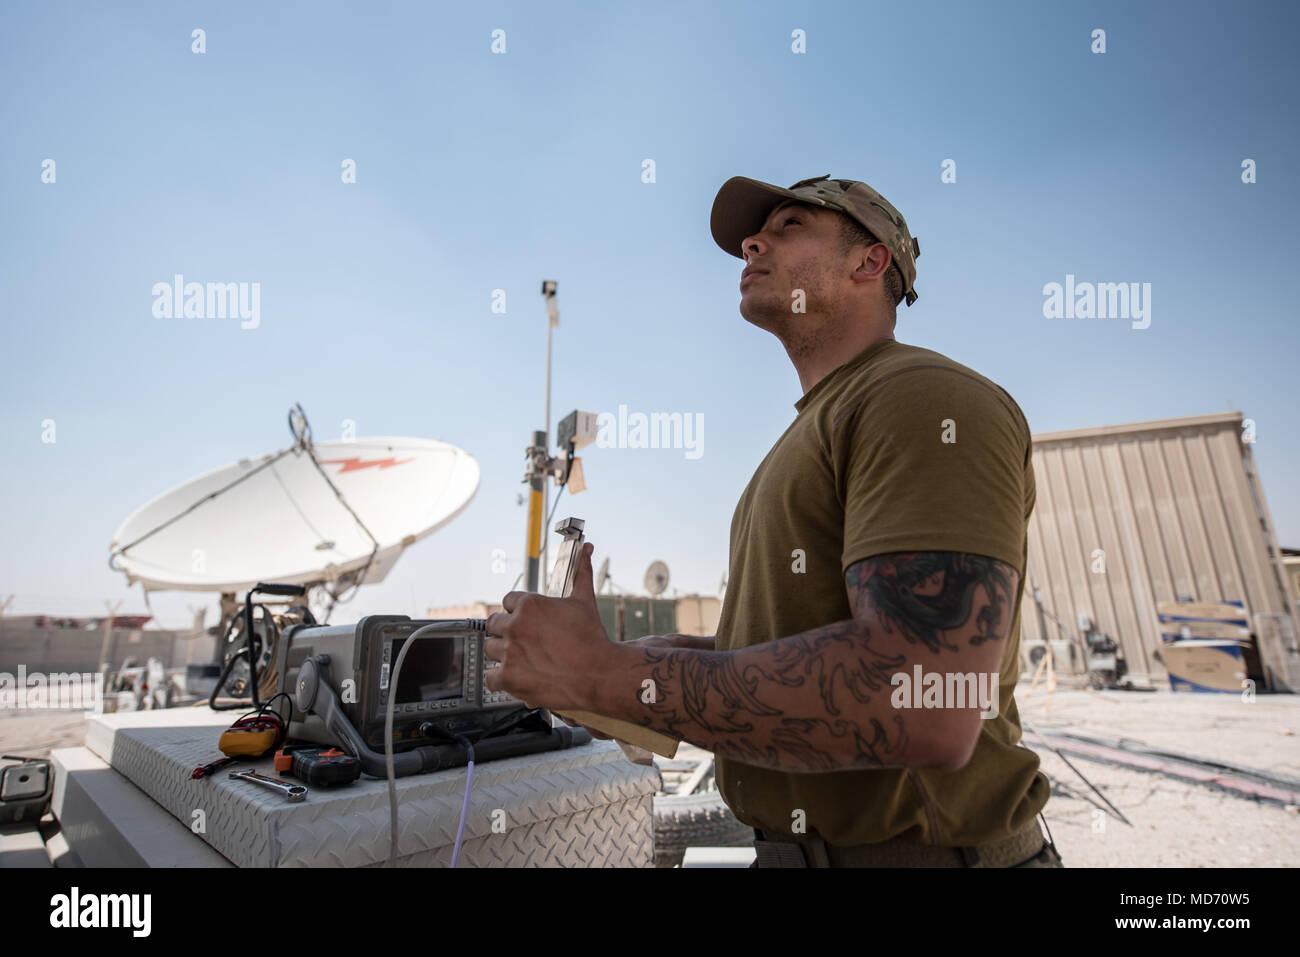 Security Guard Agency Qatar